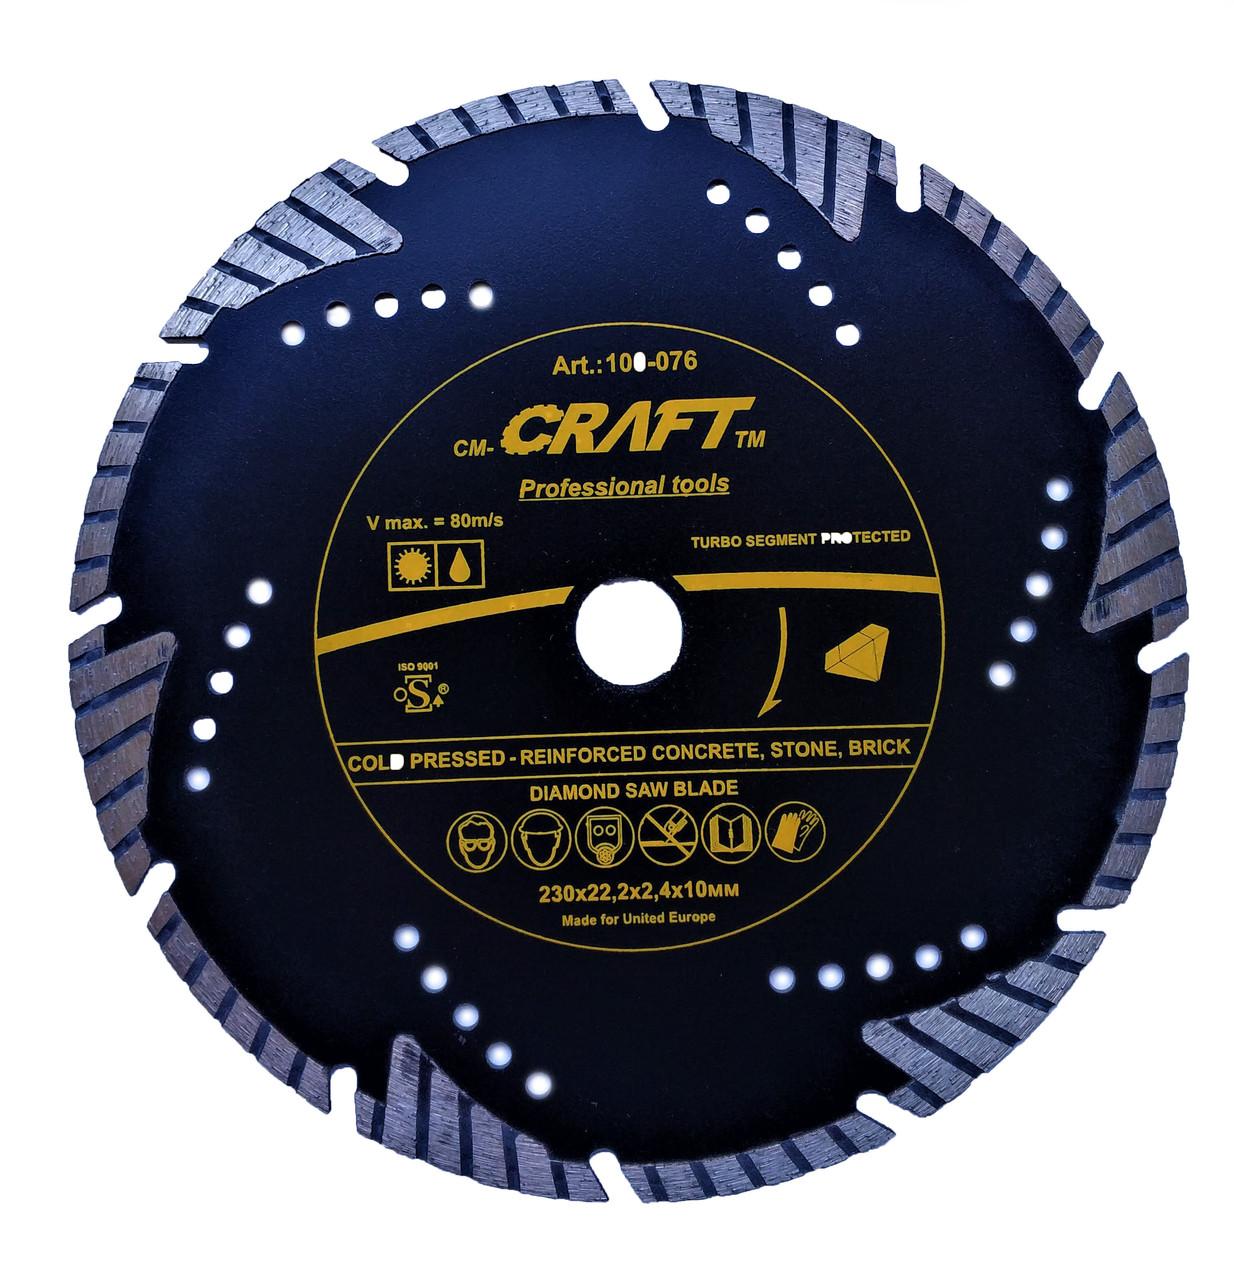 Диск відрізний алмазний Craft  turbo segment protekted 230*22.2*2.4*10мм - сух/мокр глиб різ каменю